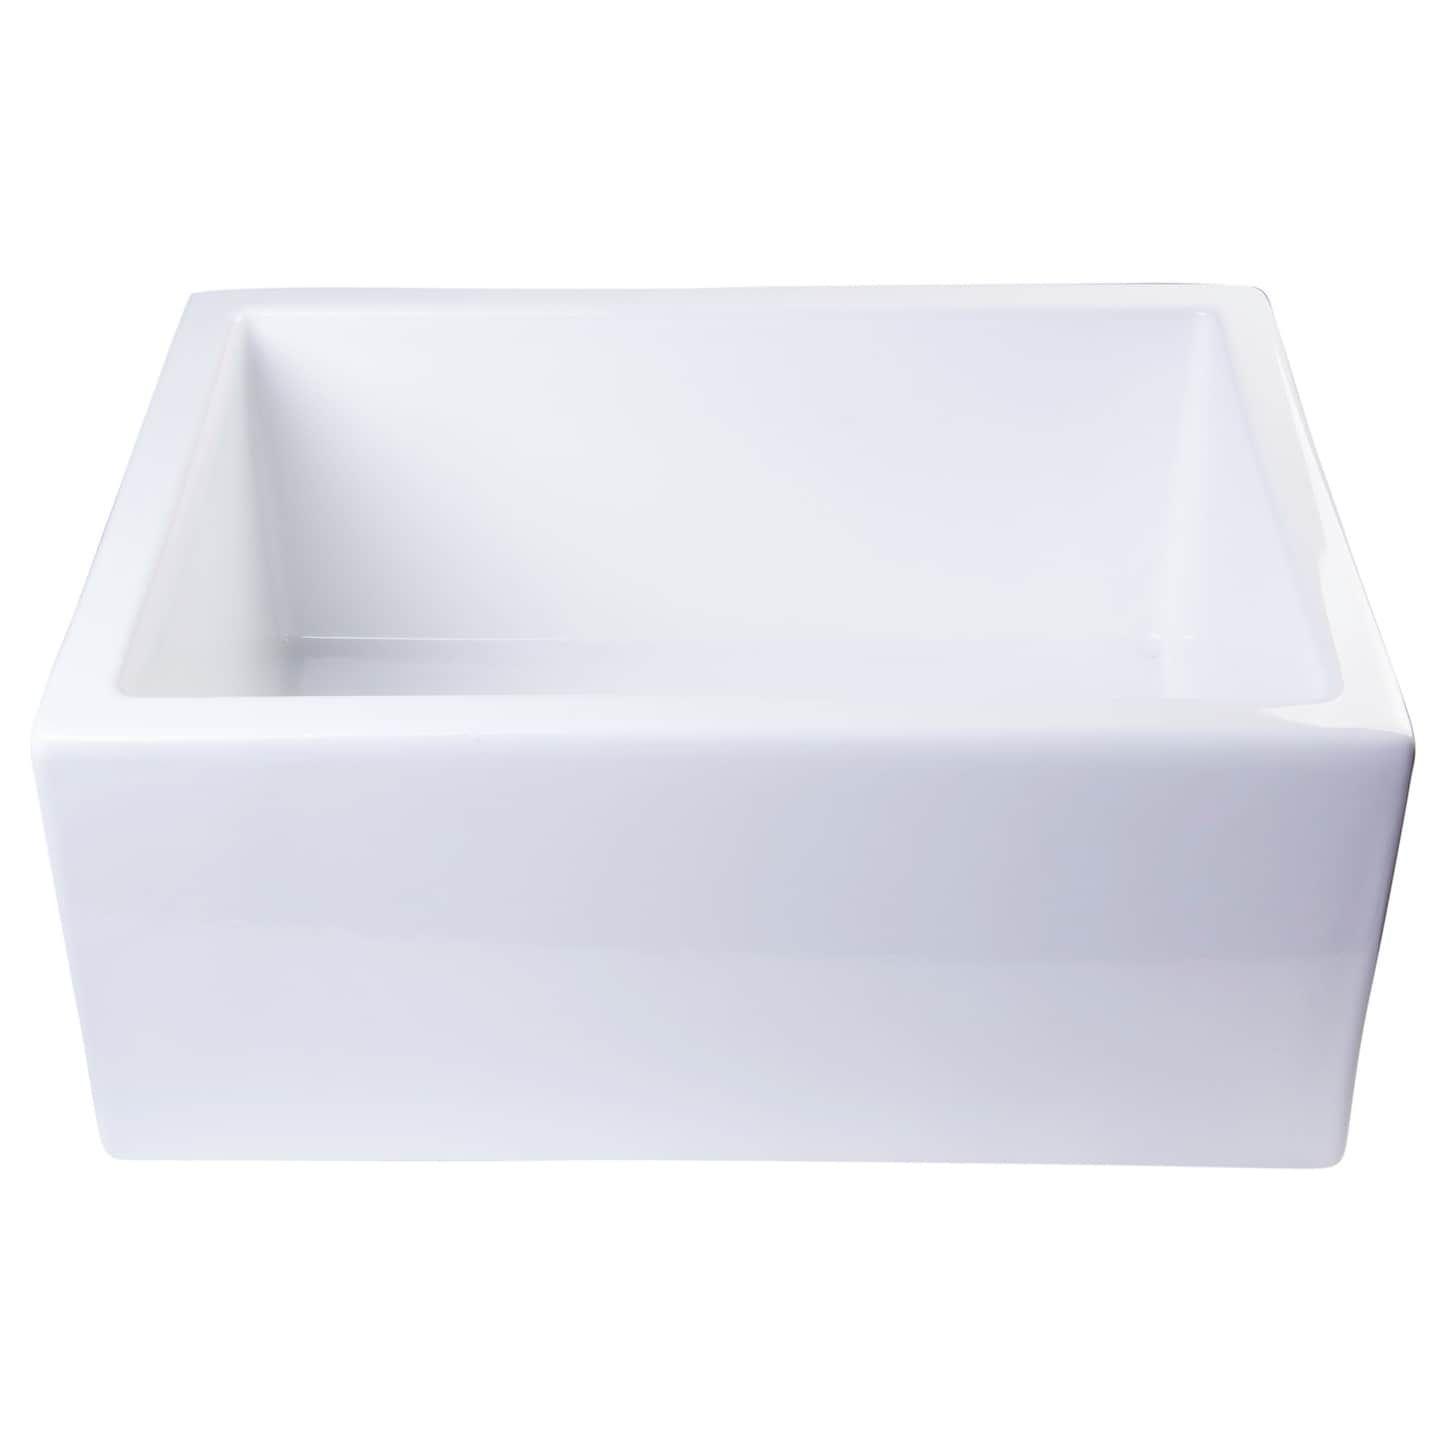 Alfi Brand White Fireclay 24 Inch Undermount Kitchen Sink